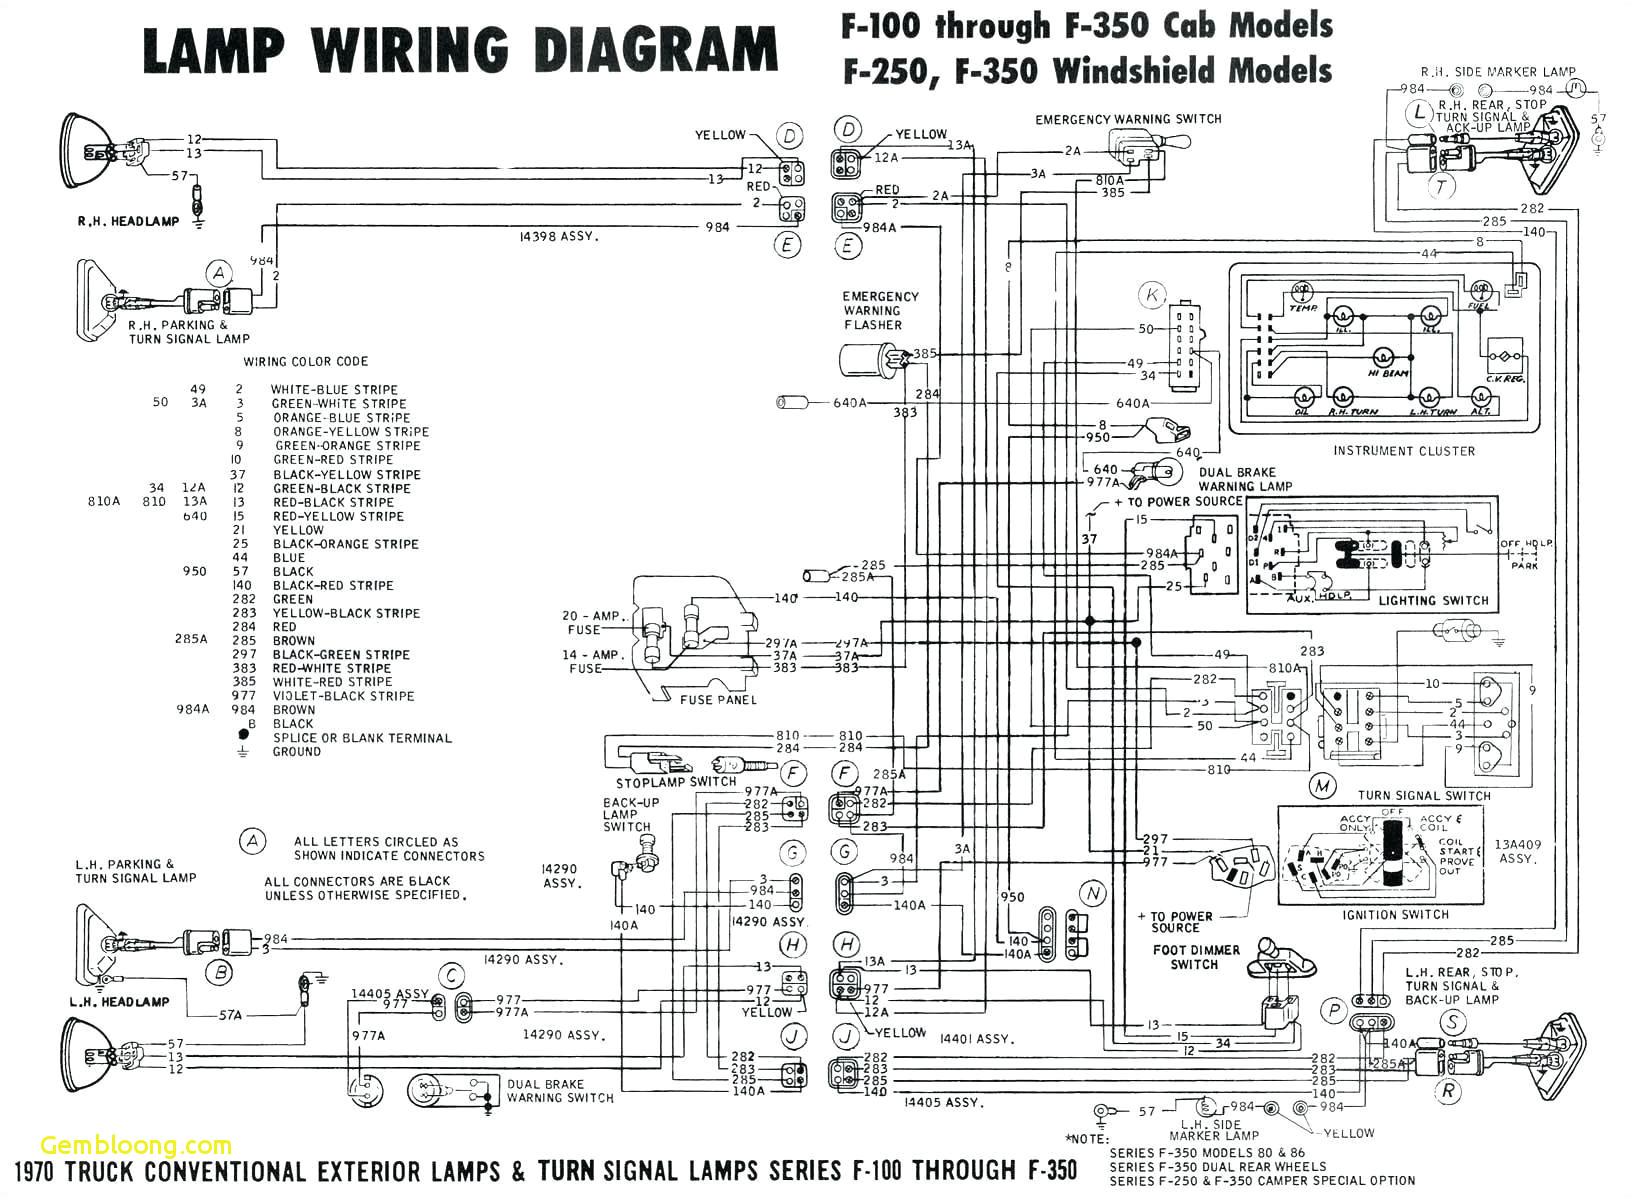 wiring komatsu schematics fb13m wiring diagram today wiring komatsu schematics fork lift fb13m